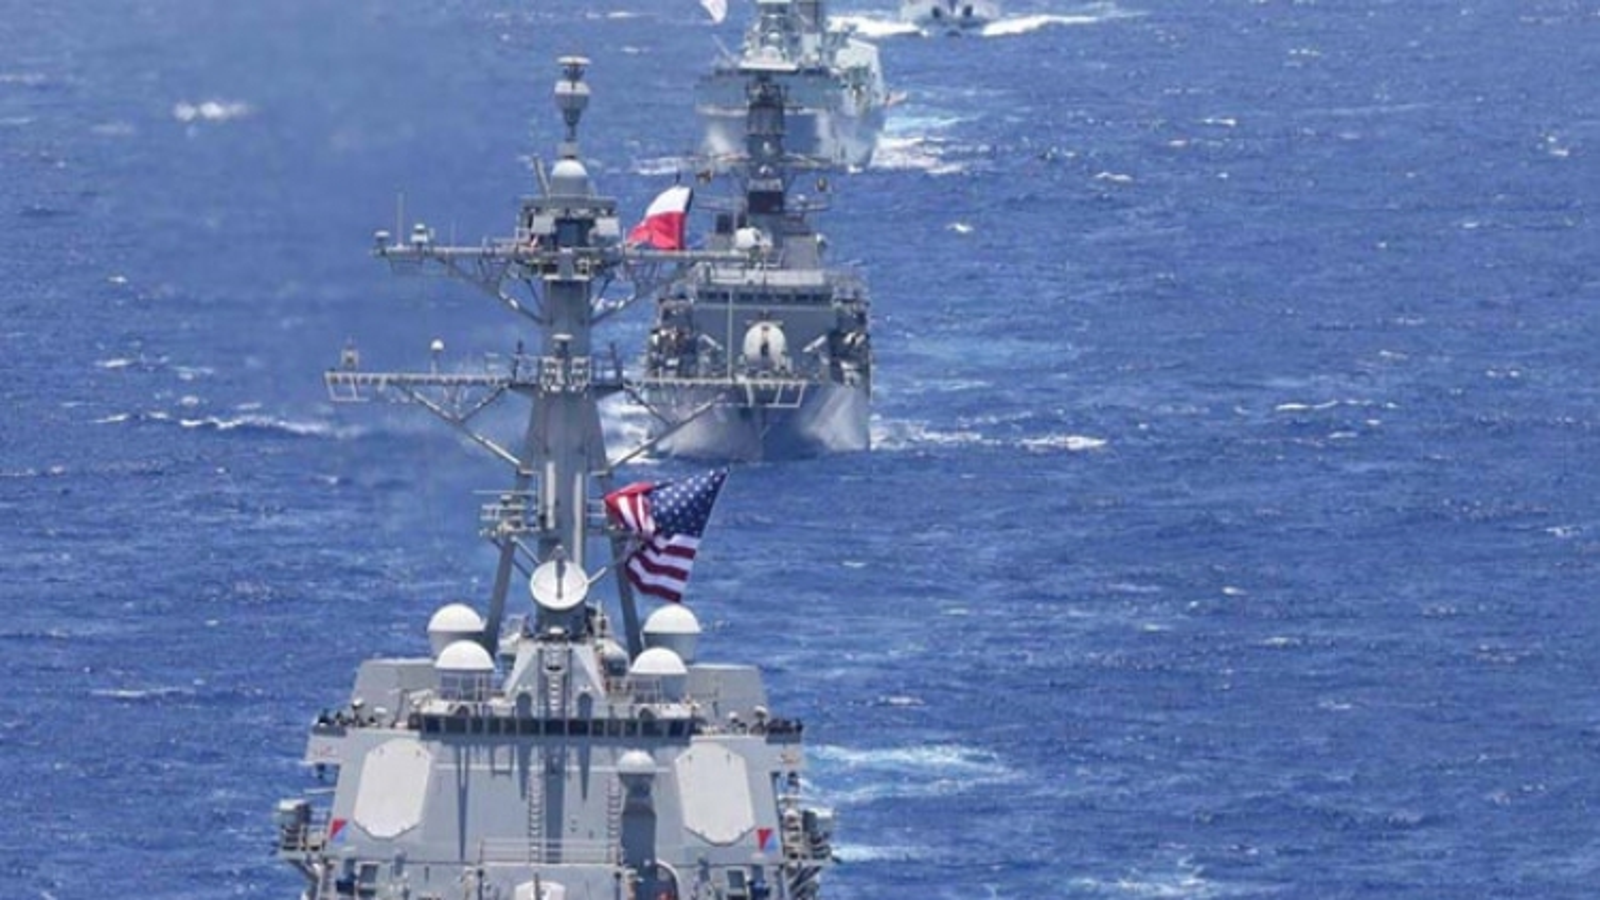 Mỹ tập trận hải quân lớn nhất thế giới giữa căng thẳng với Trung Quốc